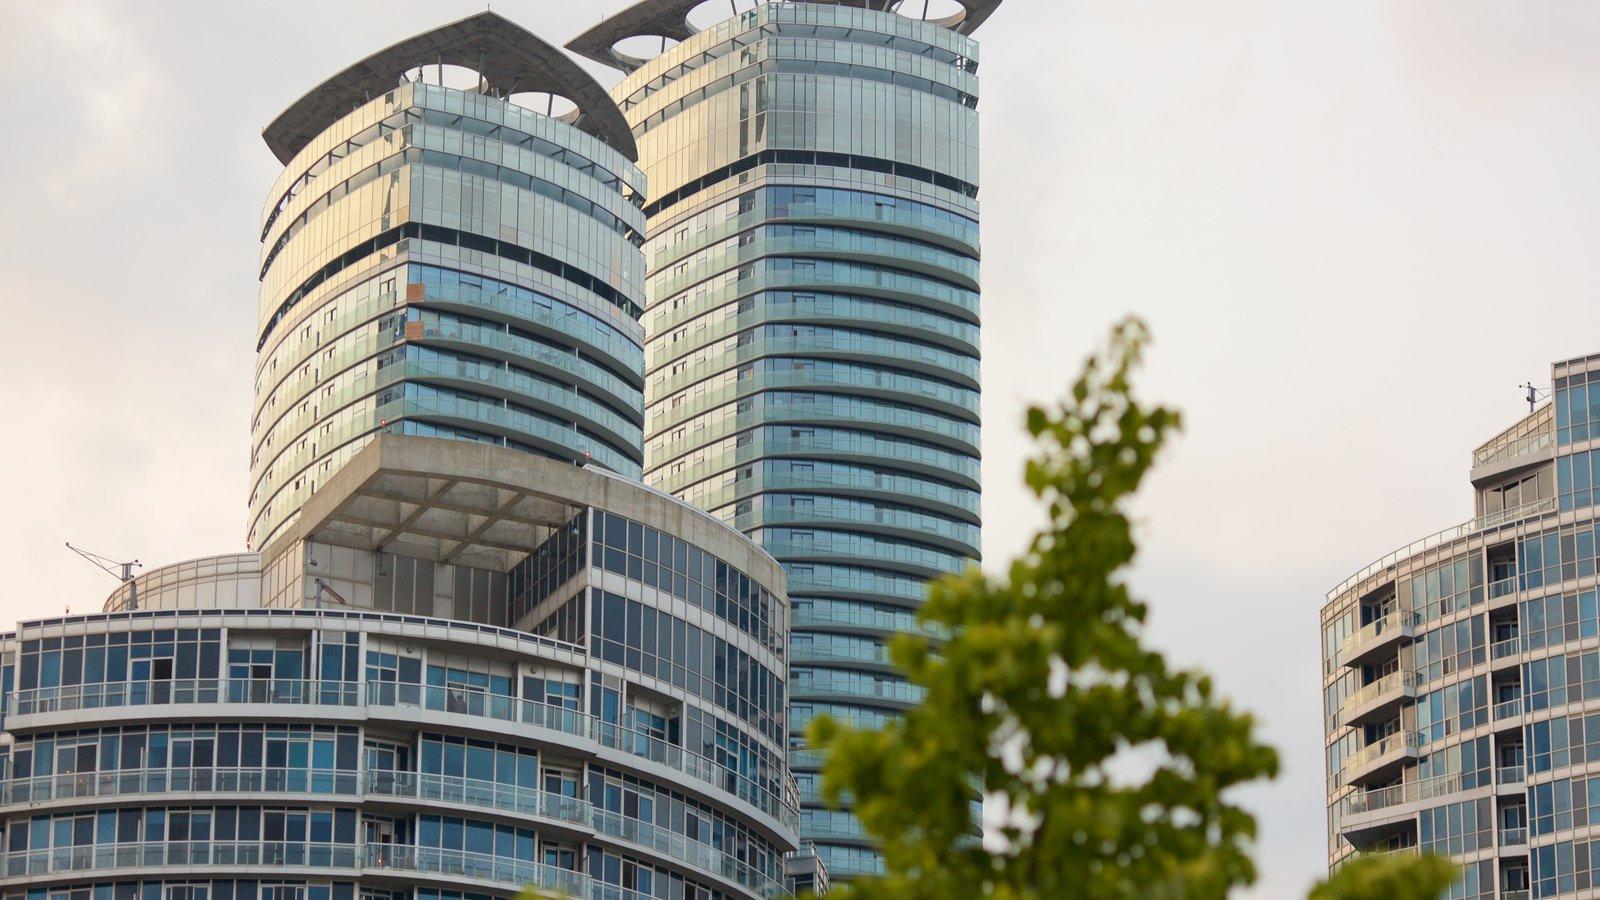 Harbourfront caracterizando arquitetura moderna e uma cidade